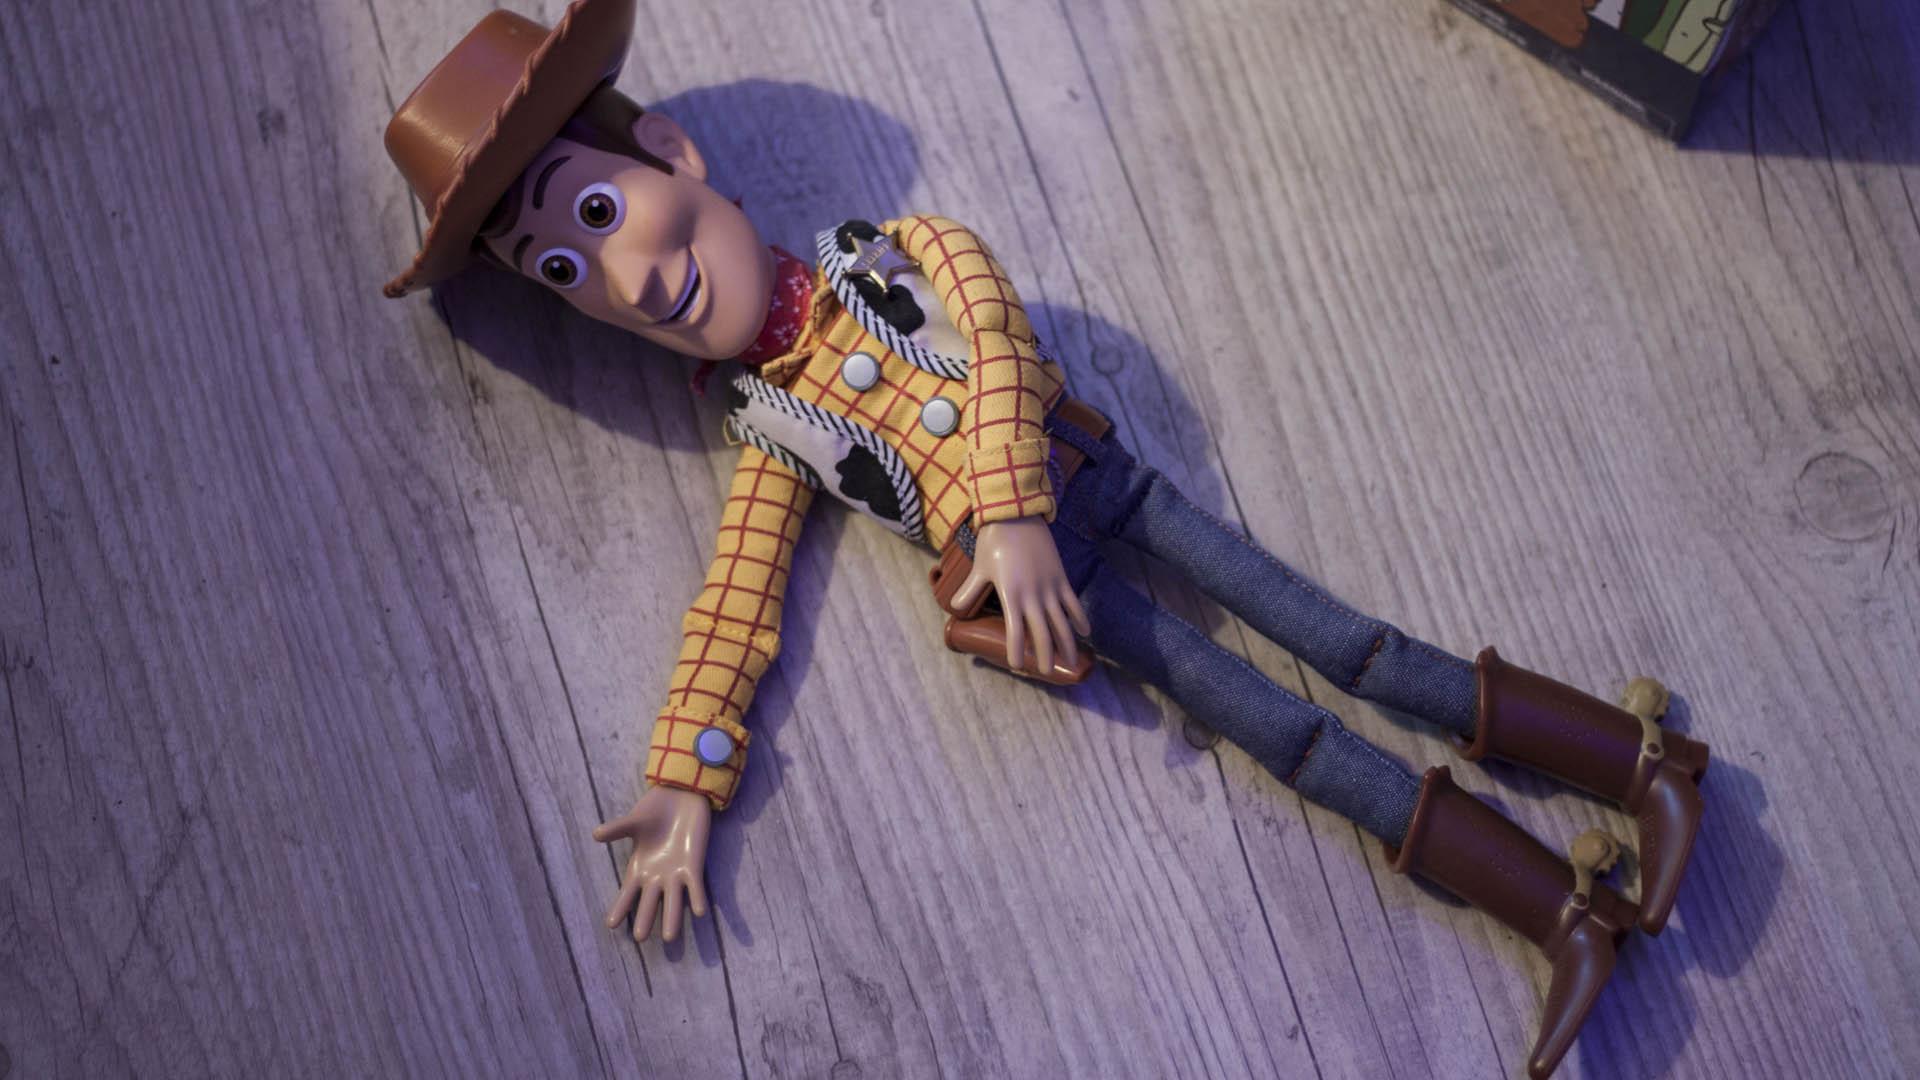 Caso de backup no filme Toy Story